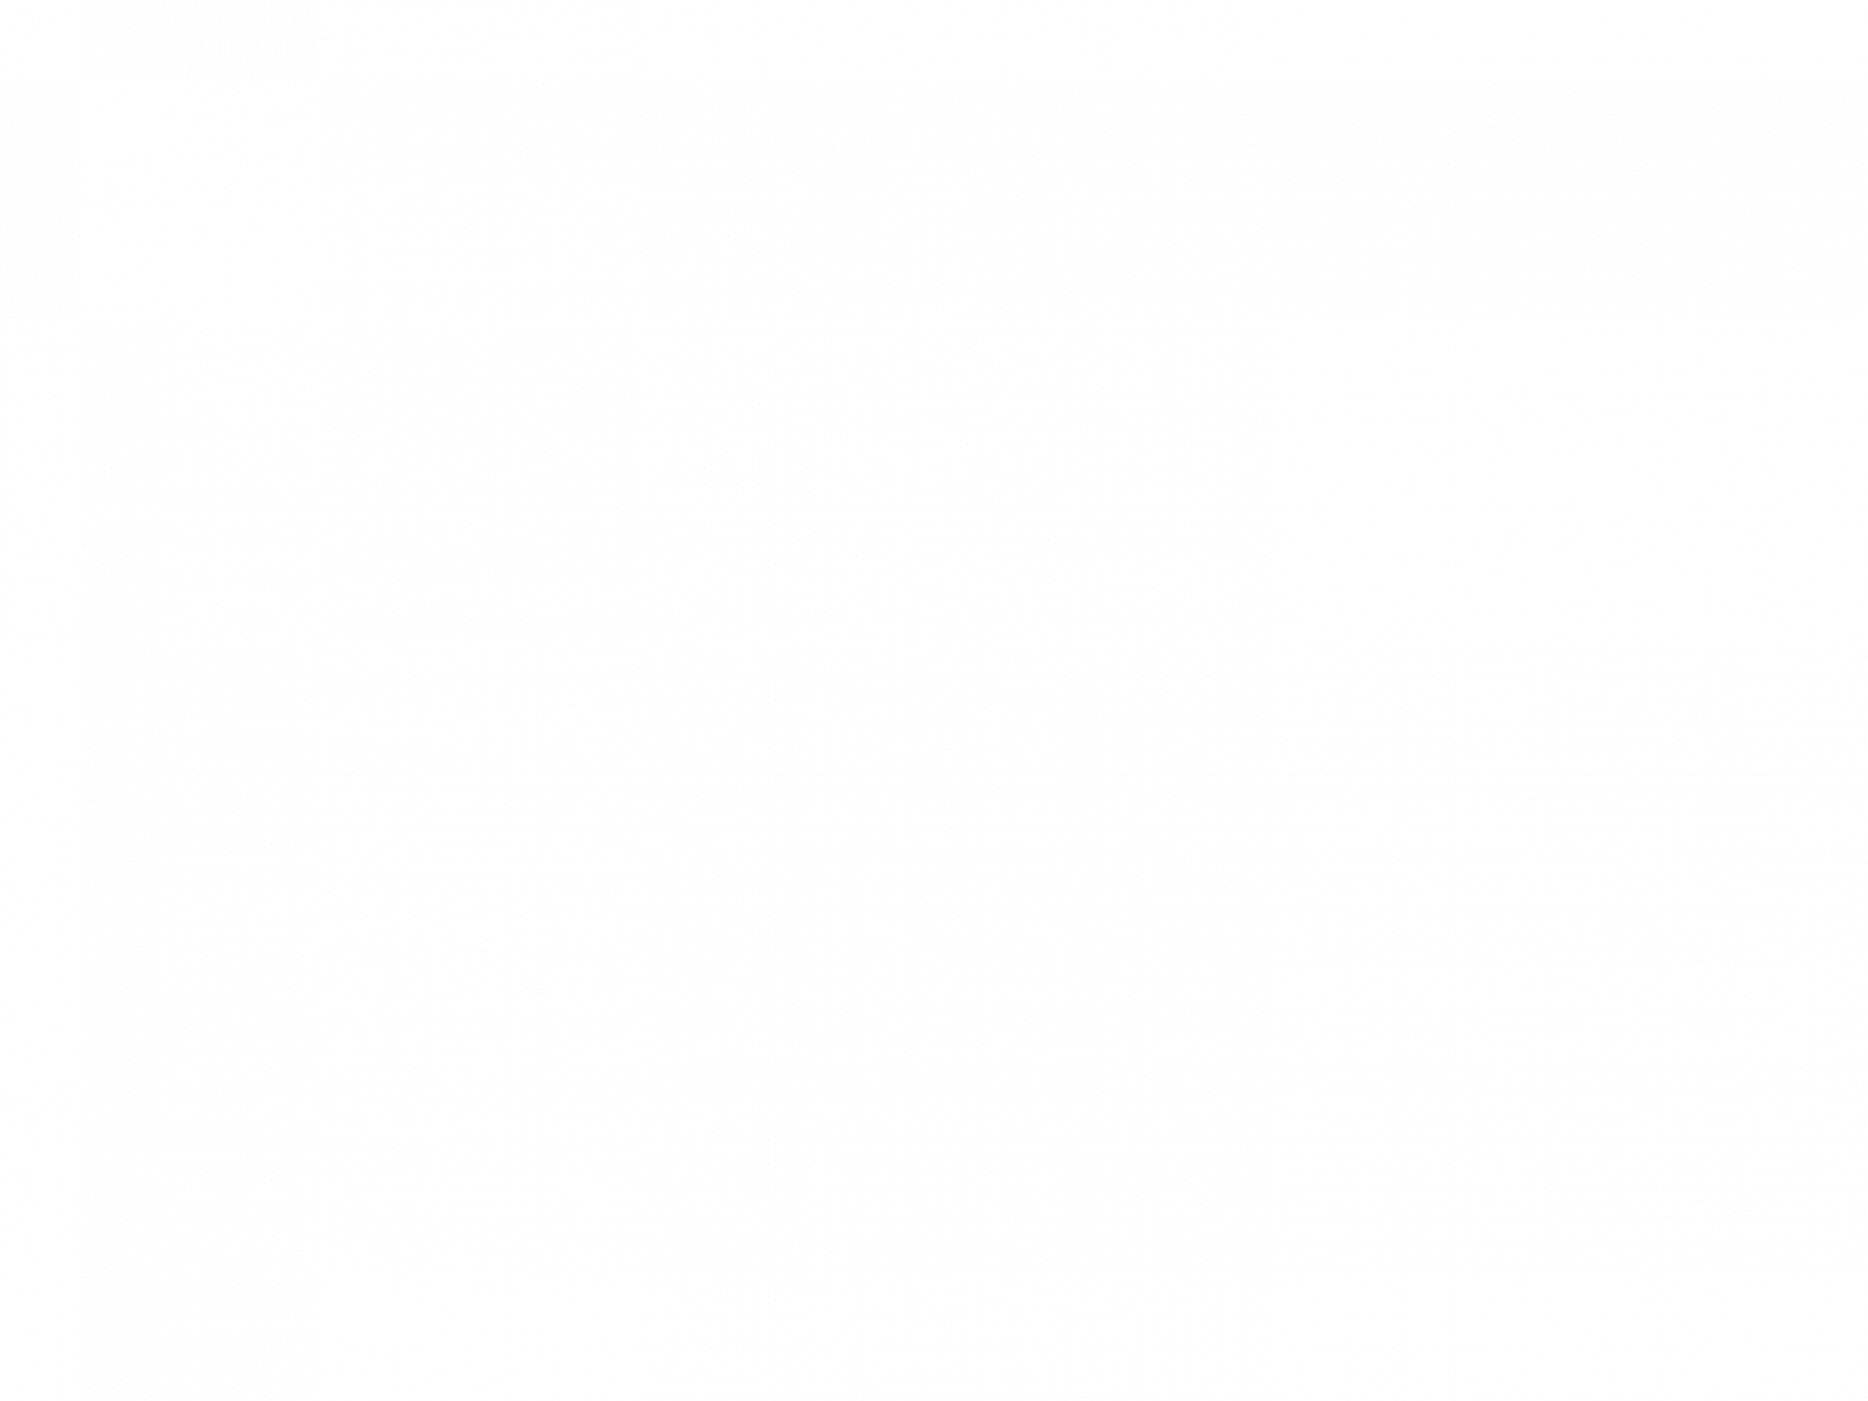 KOZOOM 3C CHALLENGE CUP